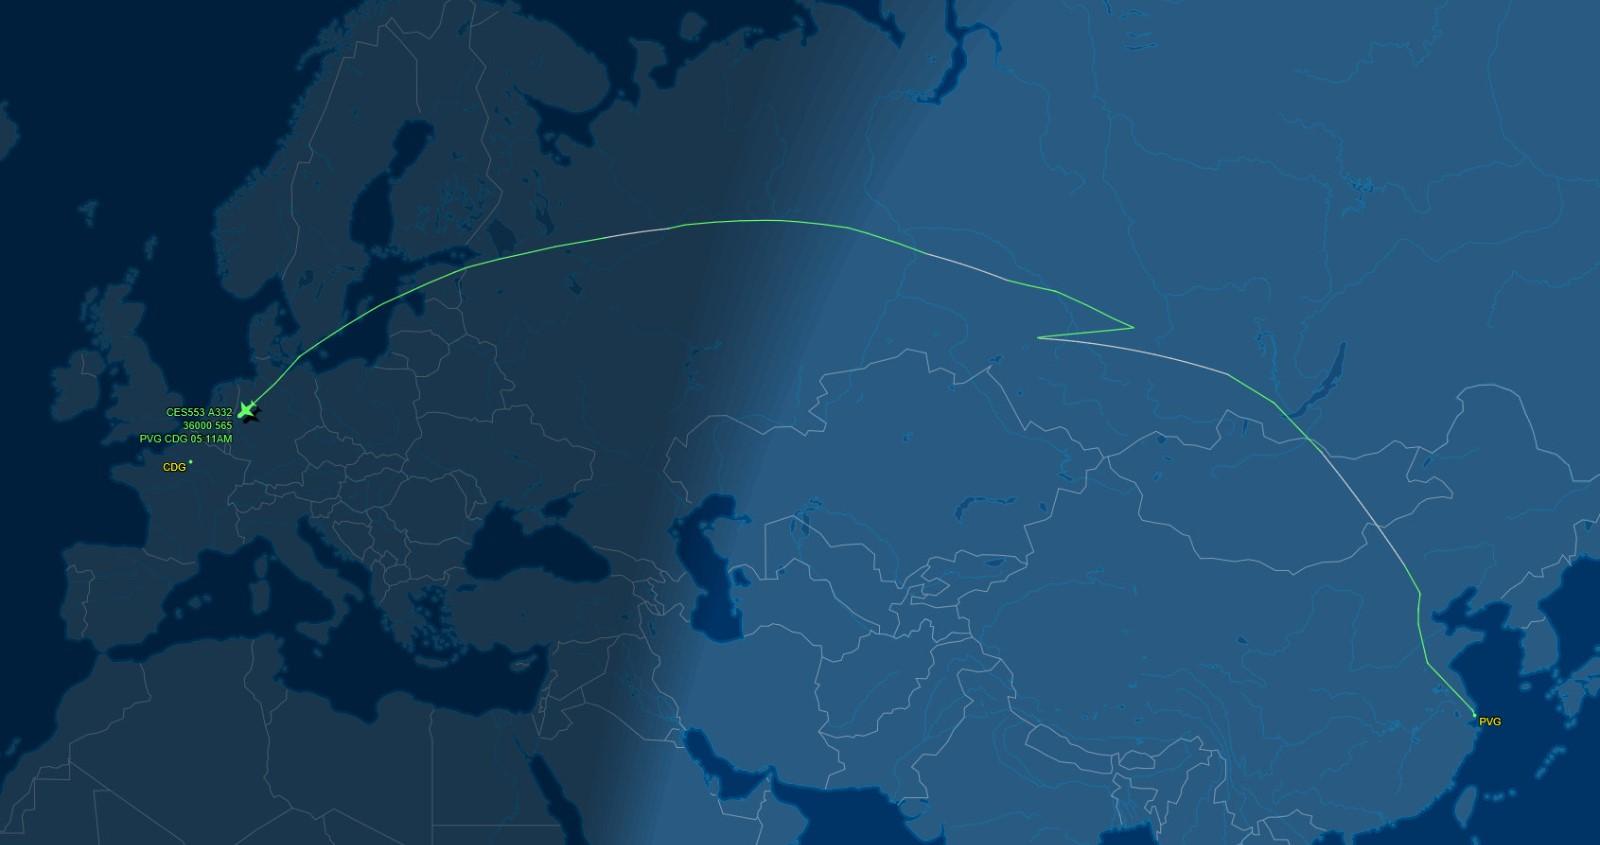 上海到巴黎距离